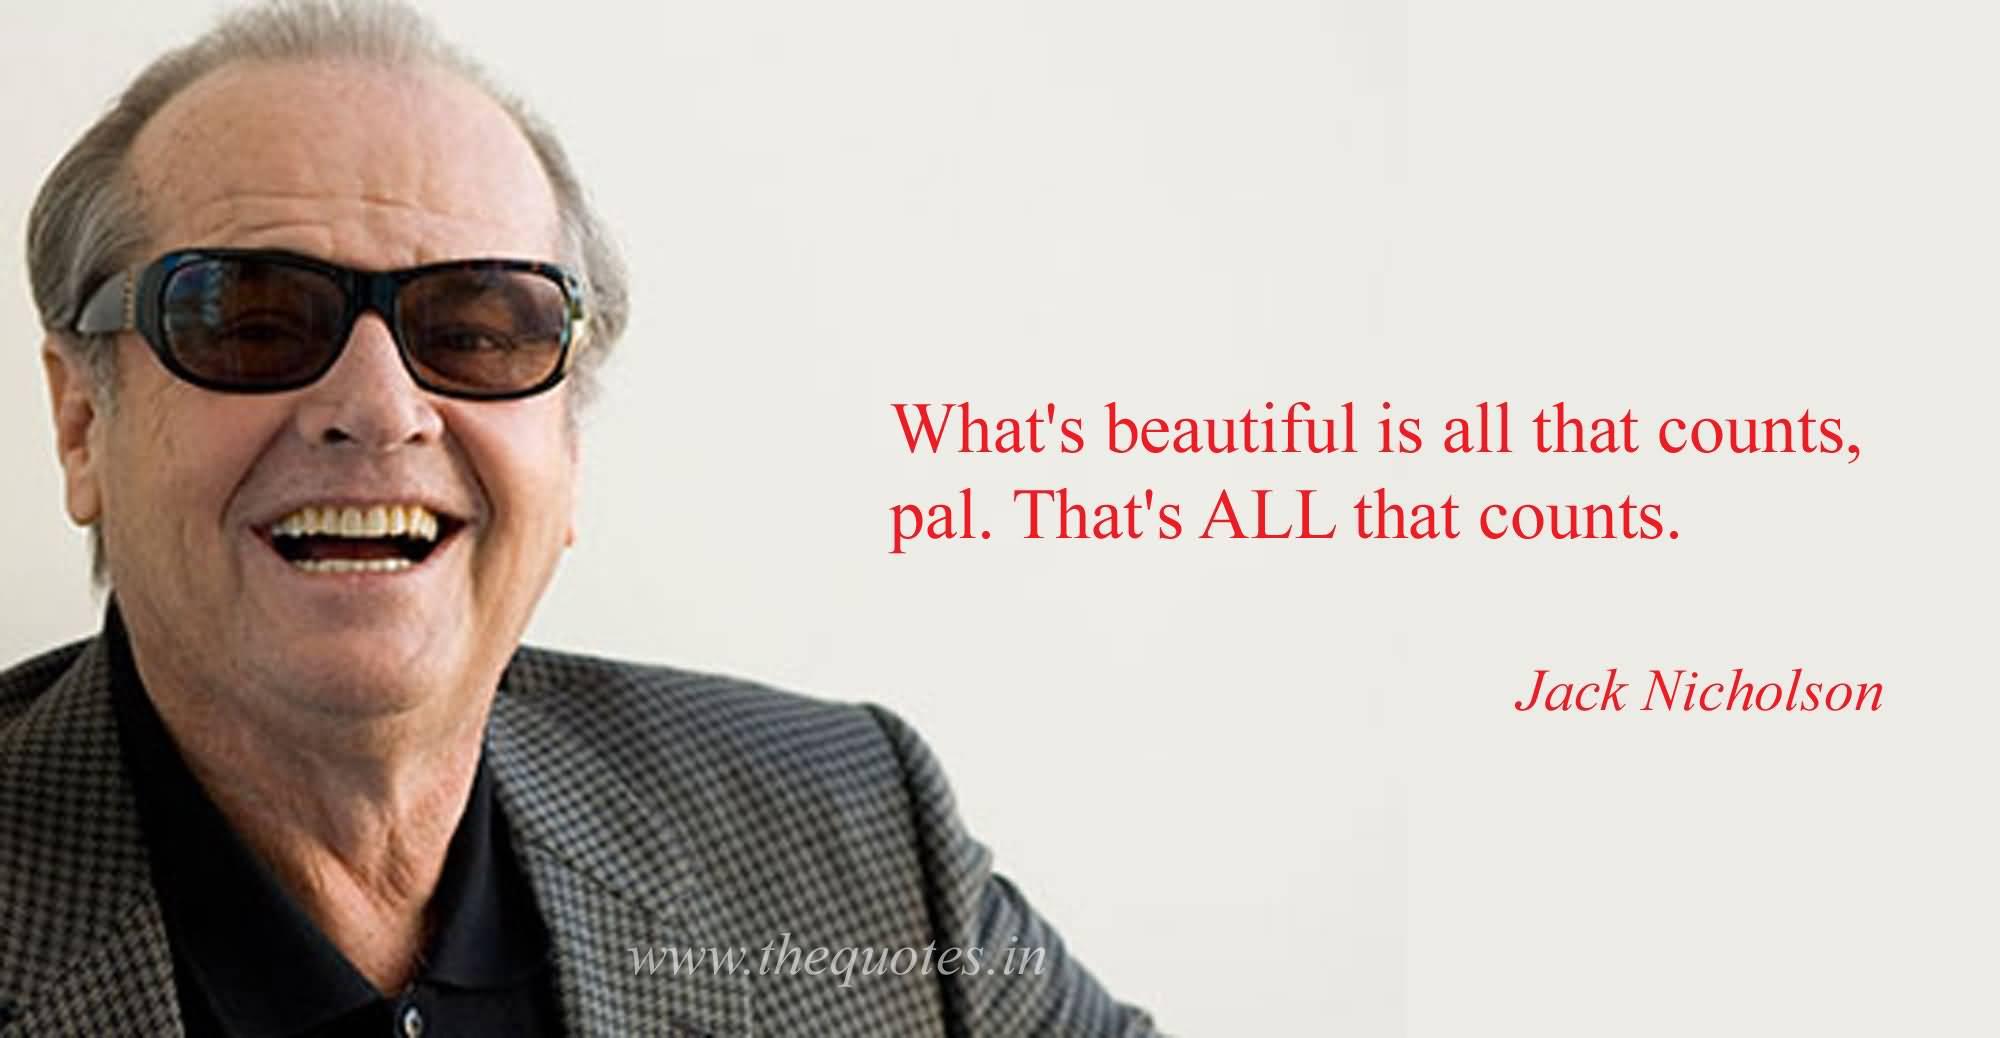 Jack Nicholson Quotes Meme Image 06